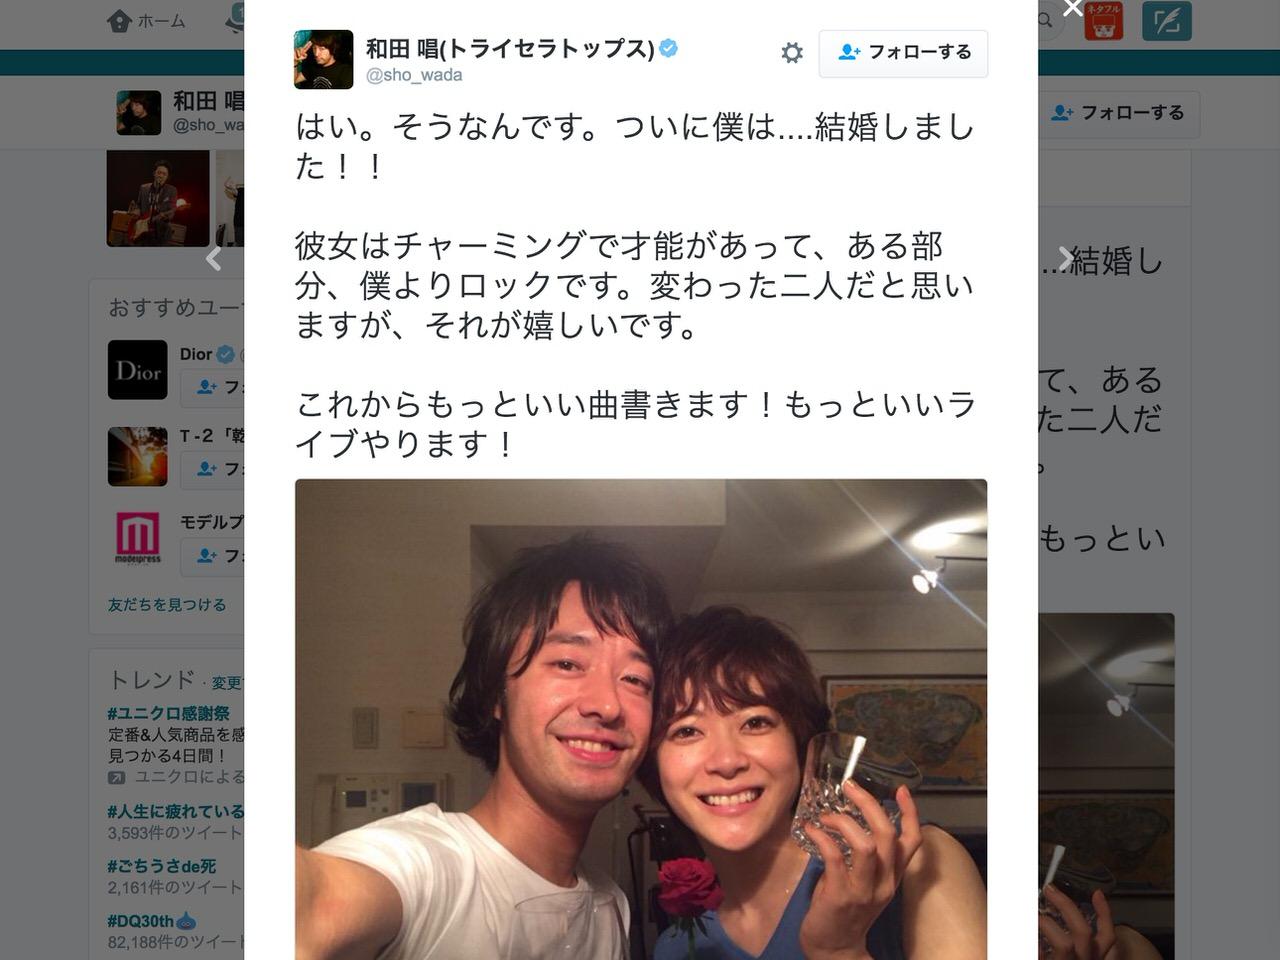 上野樹里、トライセラトップス・和田唱と結婚 〜平野レミと同居へ